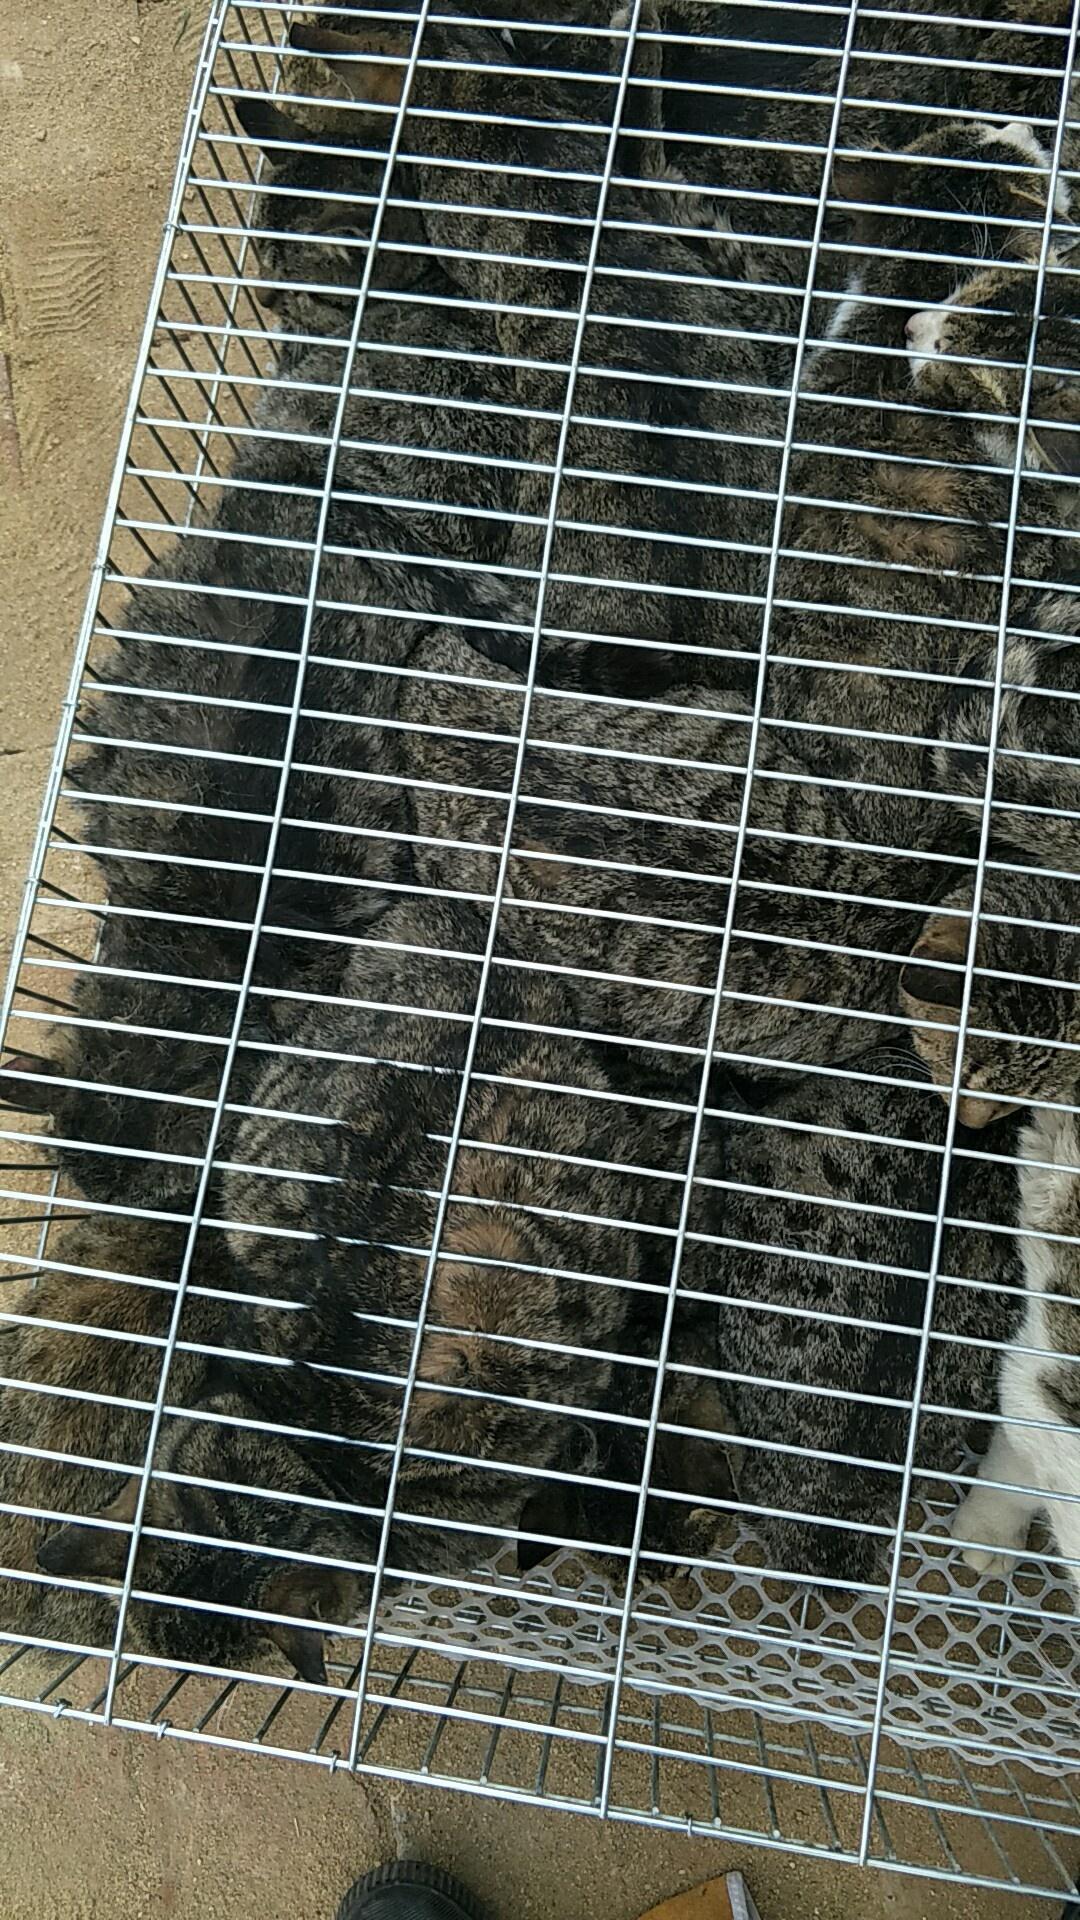 中华田园猫养殖场对外出售本地土猫狸花猫橘猫等品种